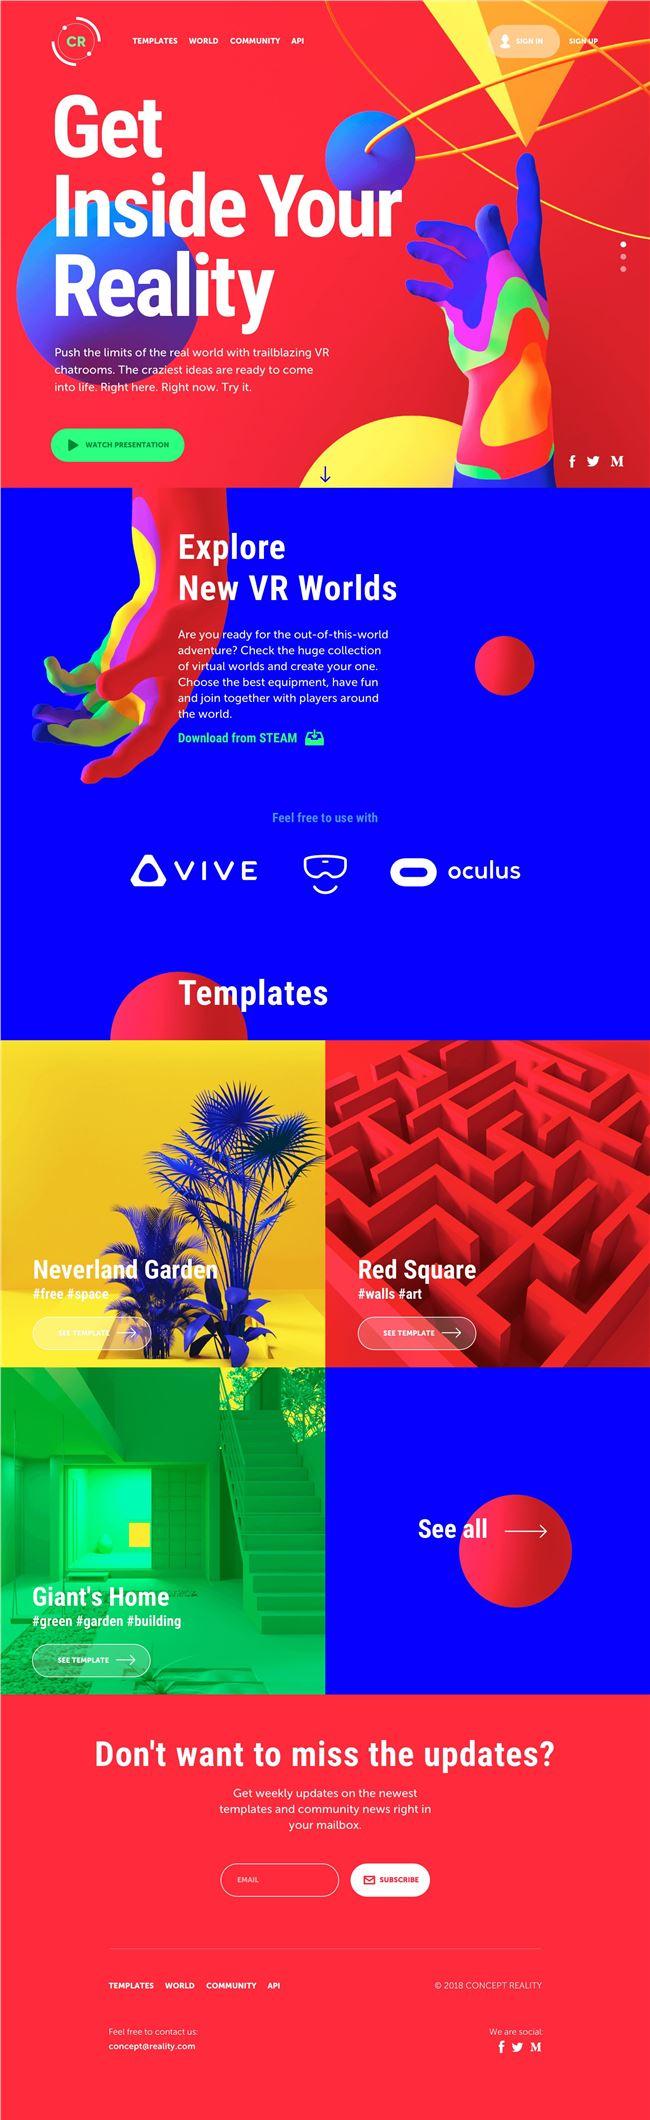 網頁設計技巧:盤點五種讓人驚艷的UI設計作品